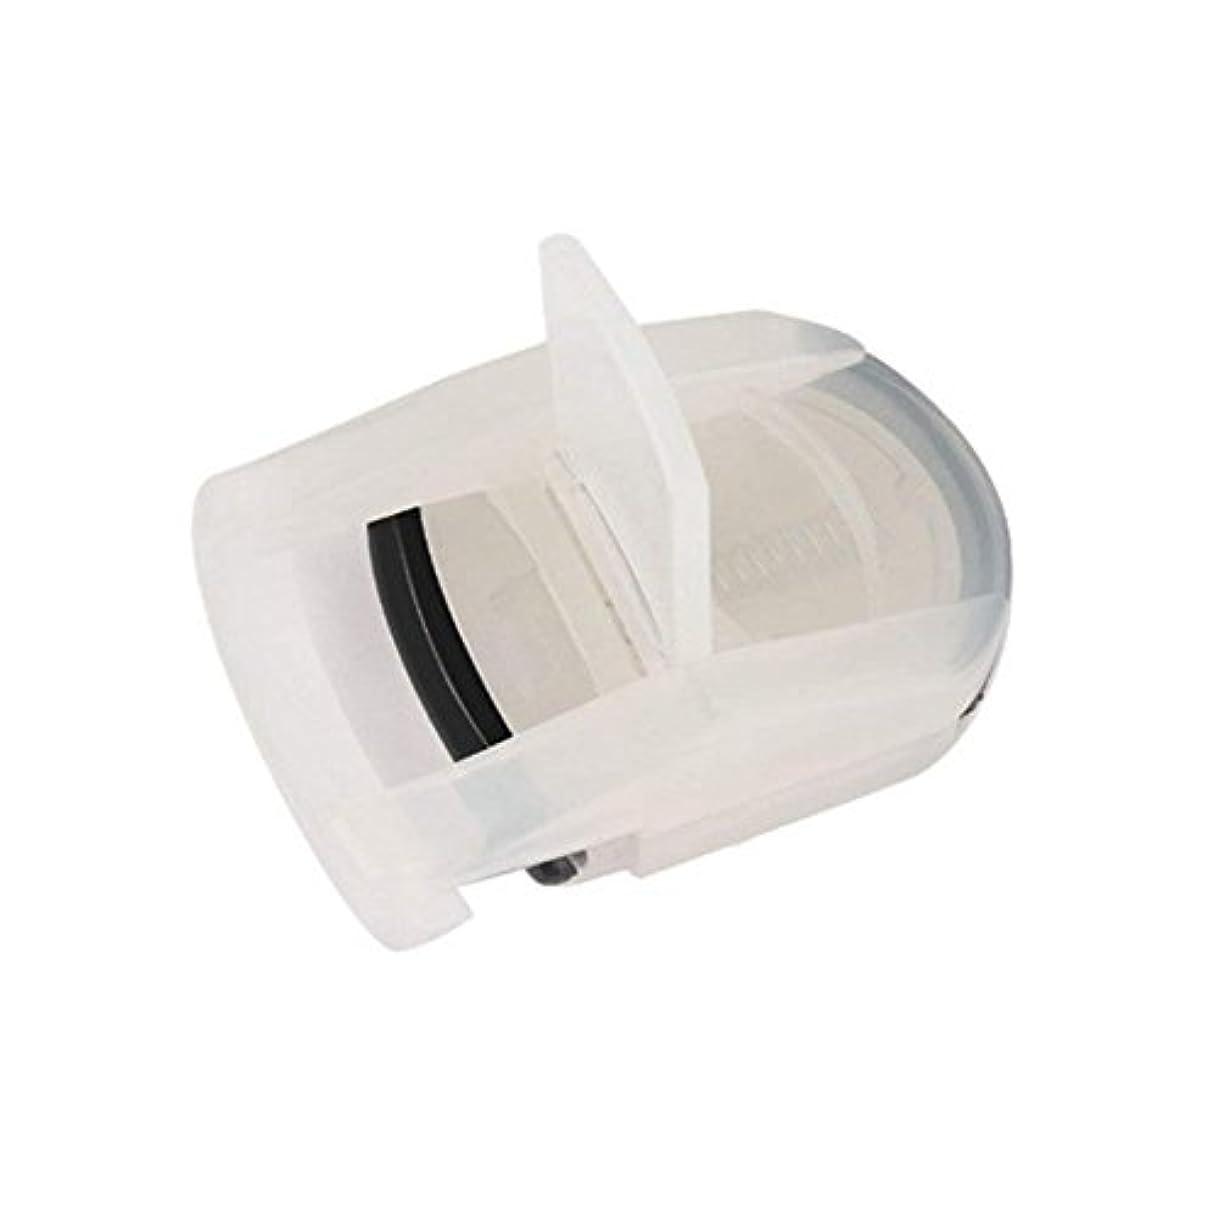 解き明かすプラットフォーム枕山の奥 アイラッシュカーラー ビューラー カーラー 化粧 高級感 まつげを扇状 携帯用